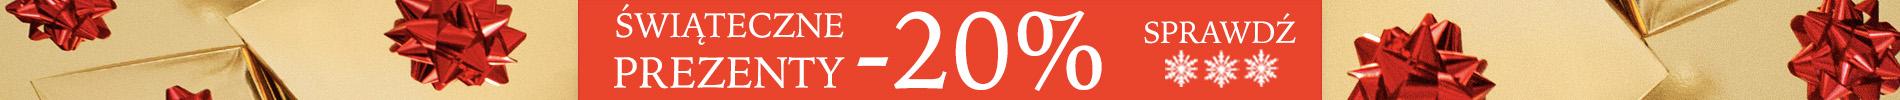 Świąteczne prezenty -20% - Sprawdź!